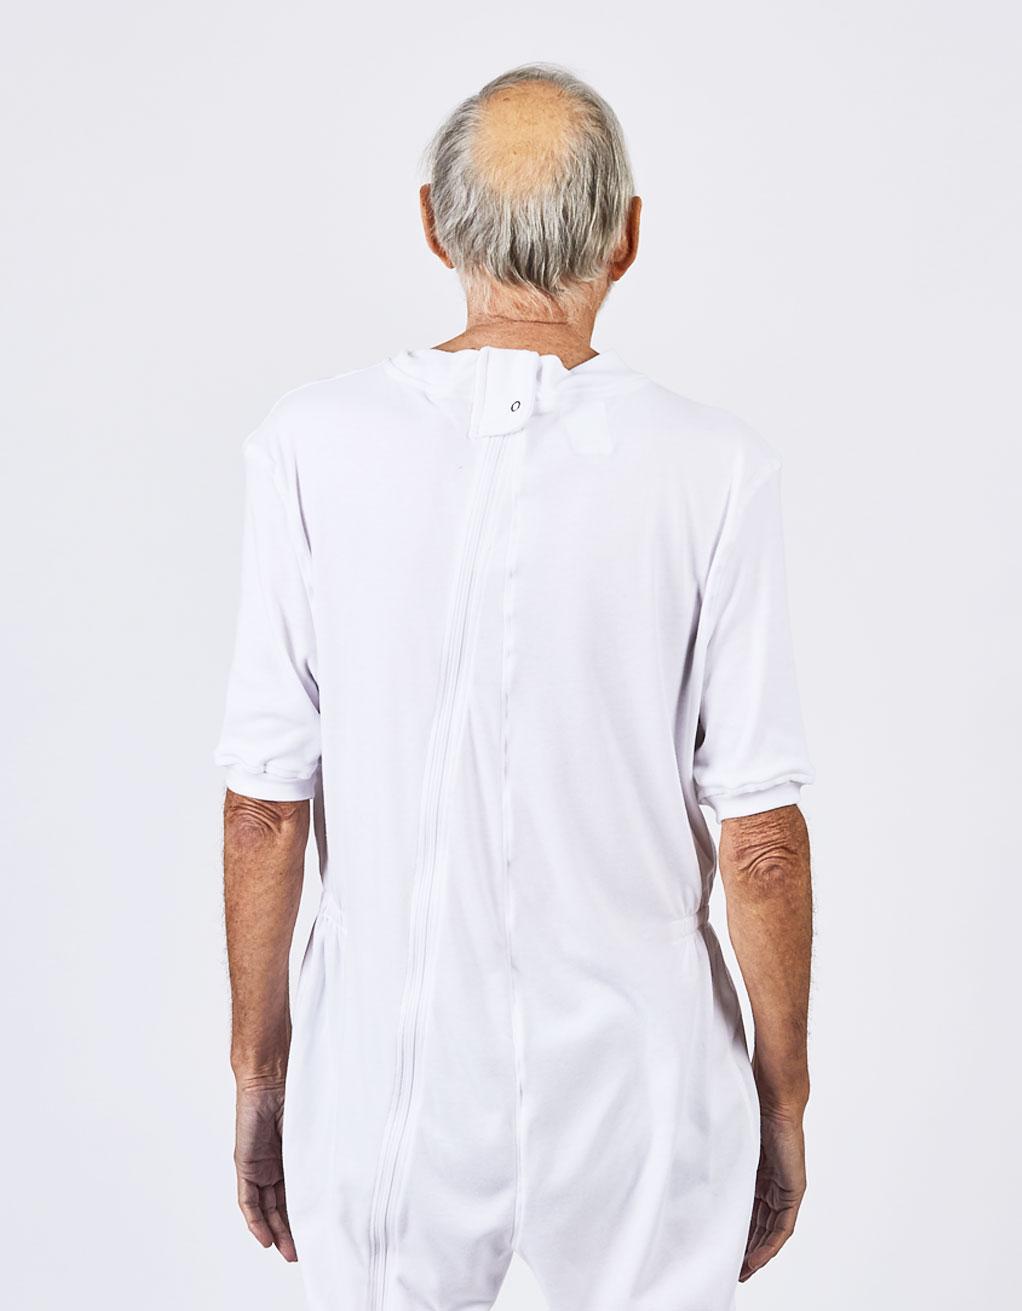 combinaison-longue-adapte-unisexe-SP49015-blanc-bk